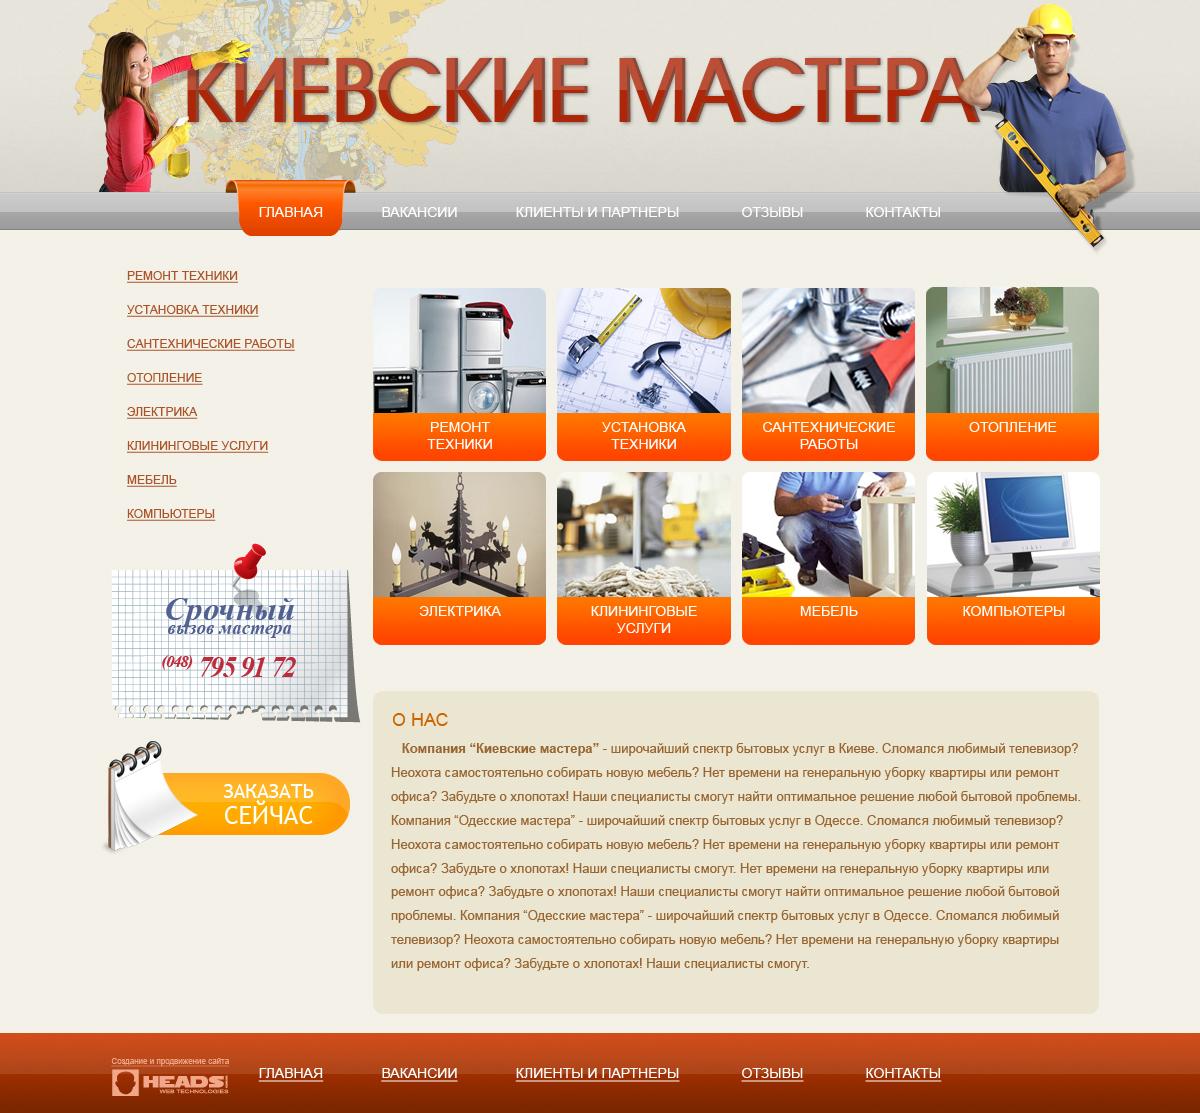 Киевские мастера, ООО, Киев